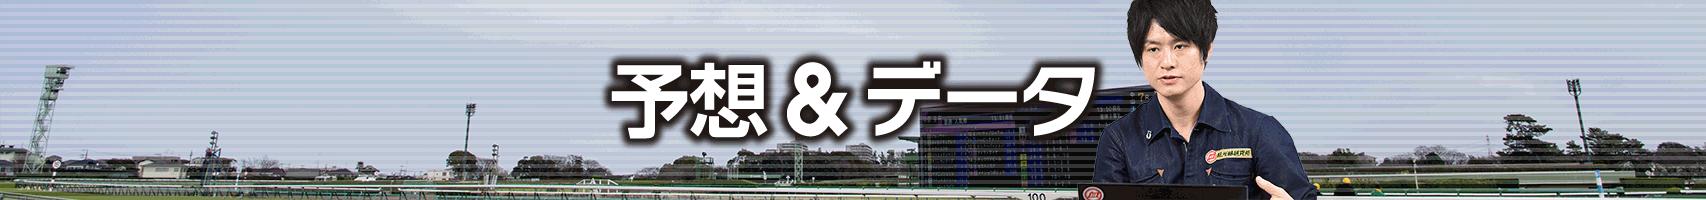 府中牝馬S/過去の好走馬4ライン小系統&3代内種牡馬